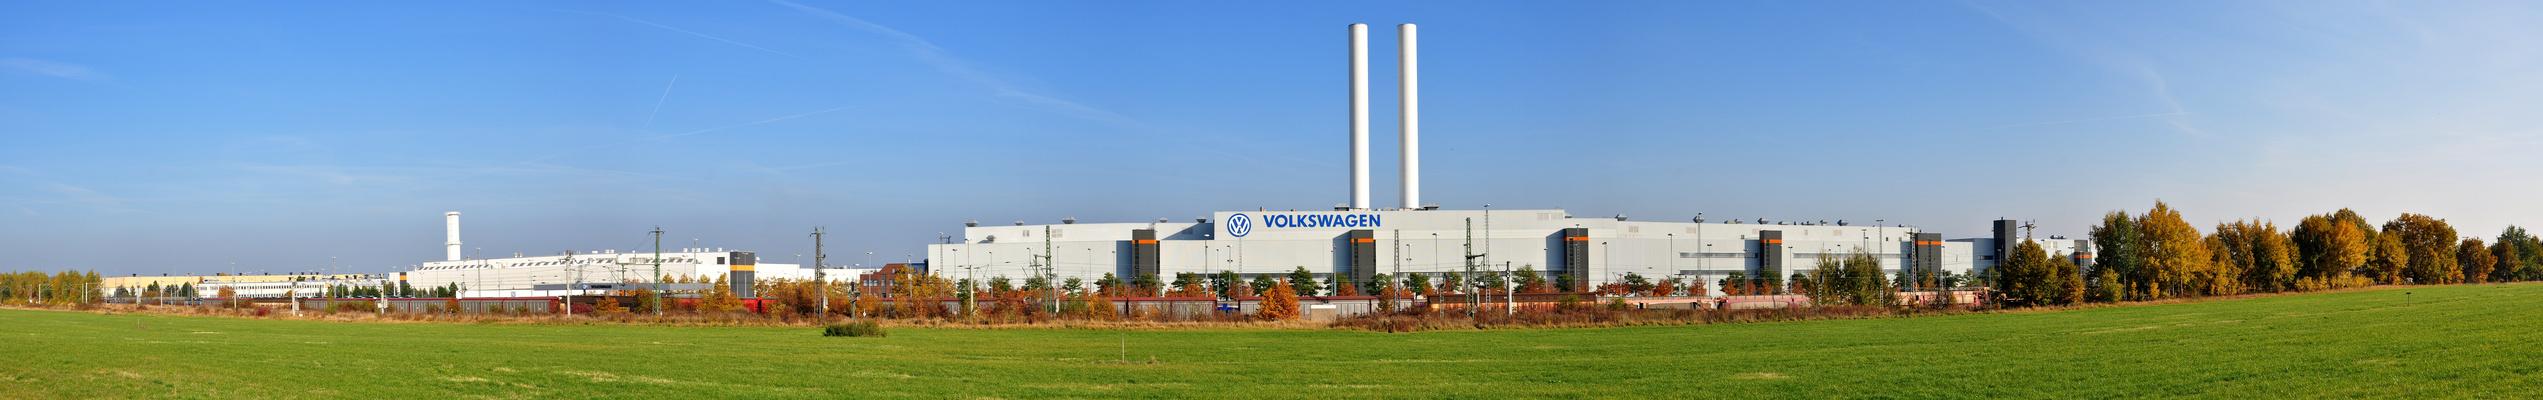 VW-Werk in Mosel/Zwickau/Sachsen.....